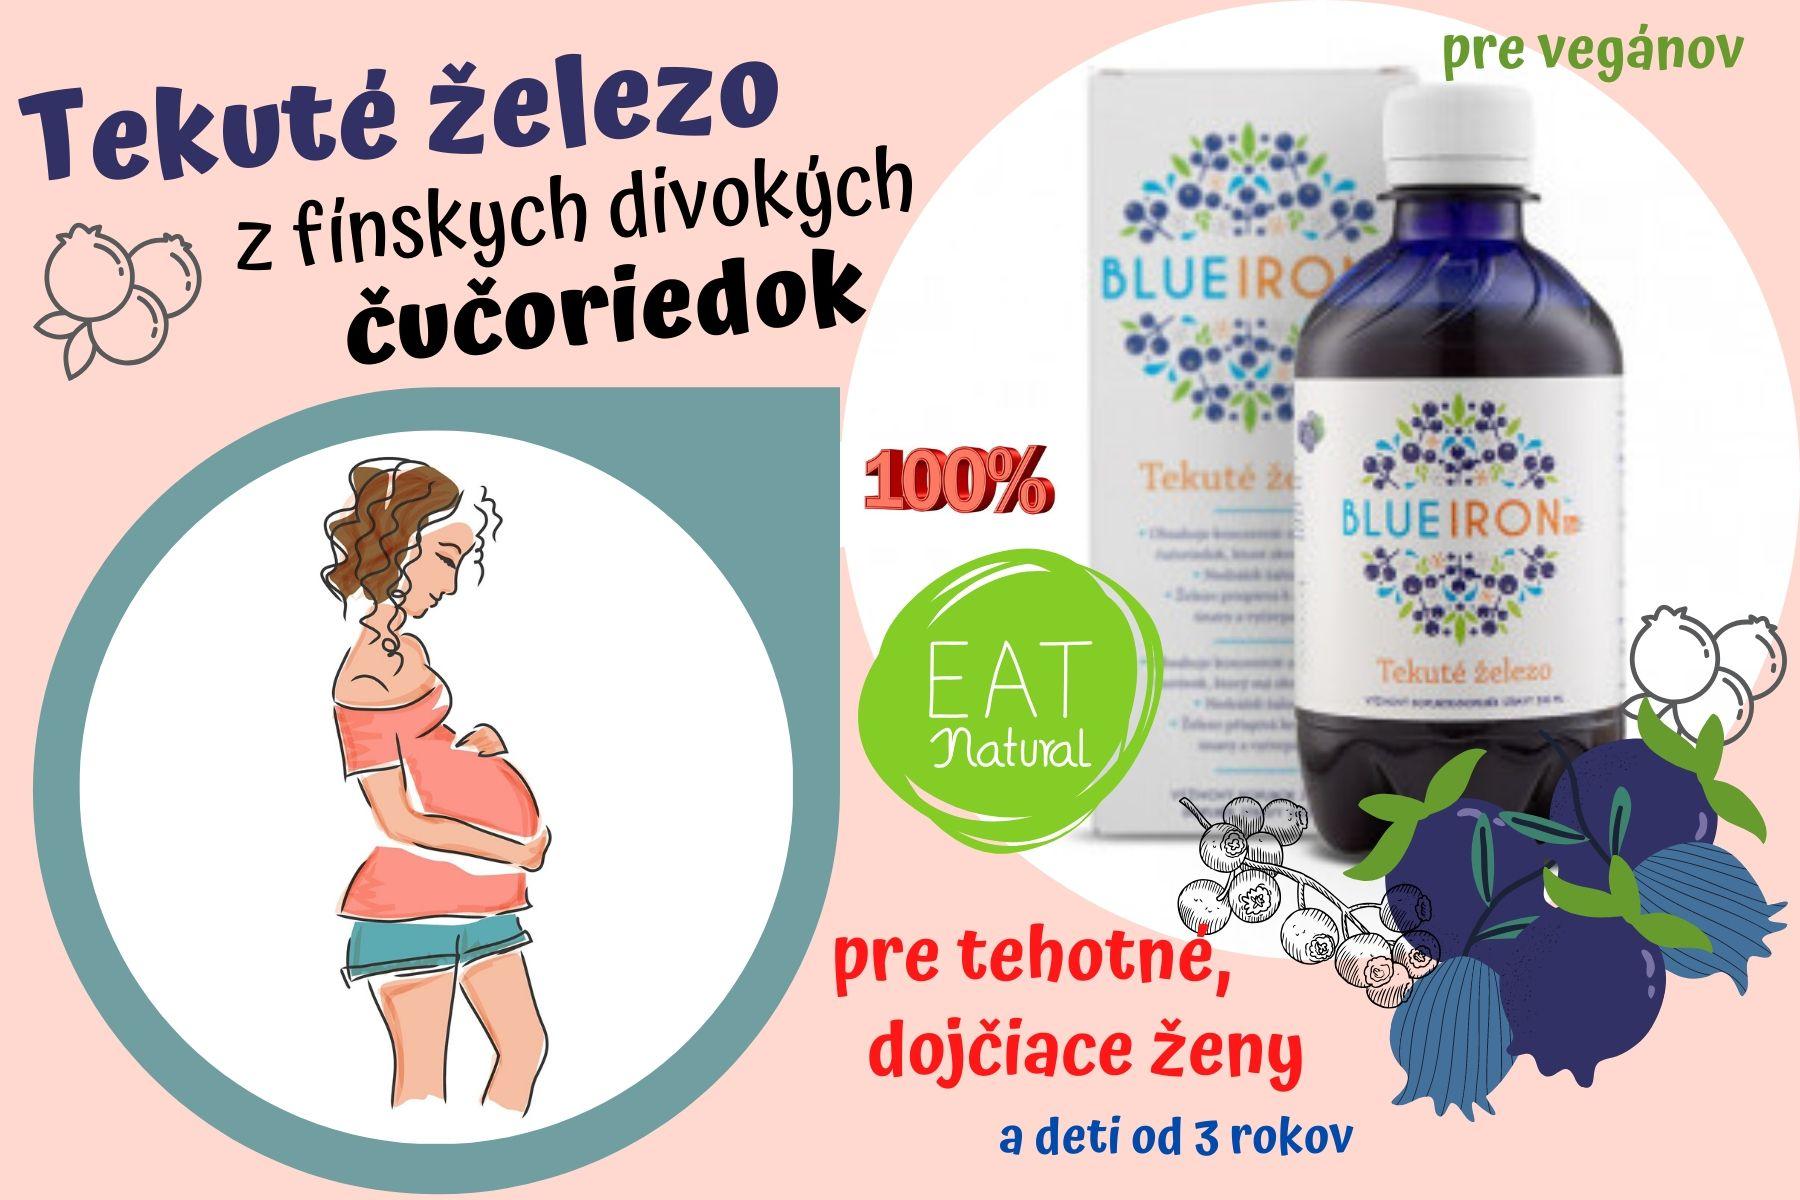 Tekuté železo z fínskych divokých čučoriedok vhodný pre vegánov, tehotné a dojčiace ženy a deti od 3 rokov. 100 % natural